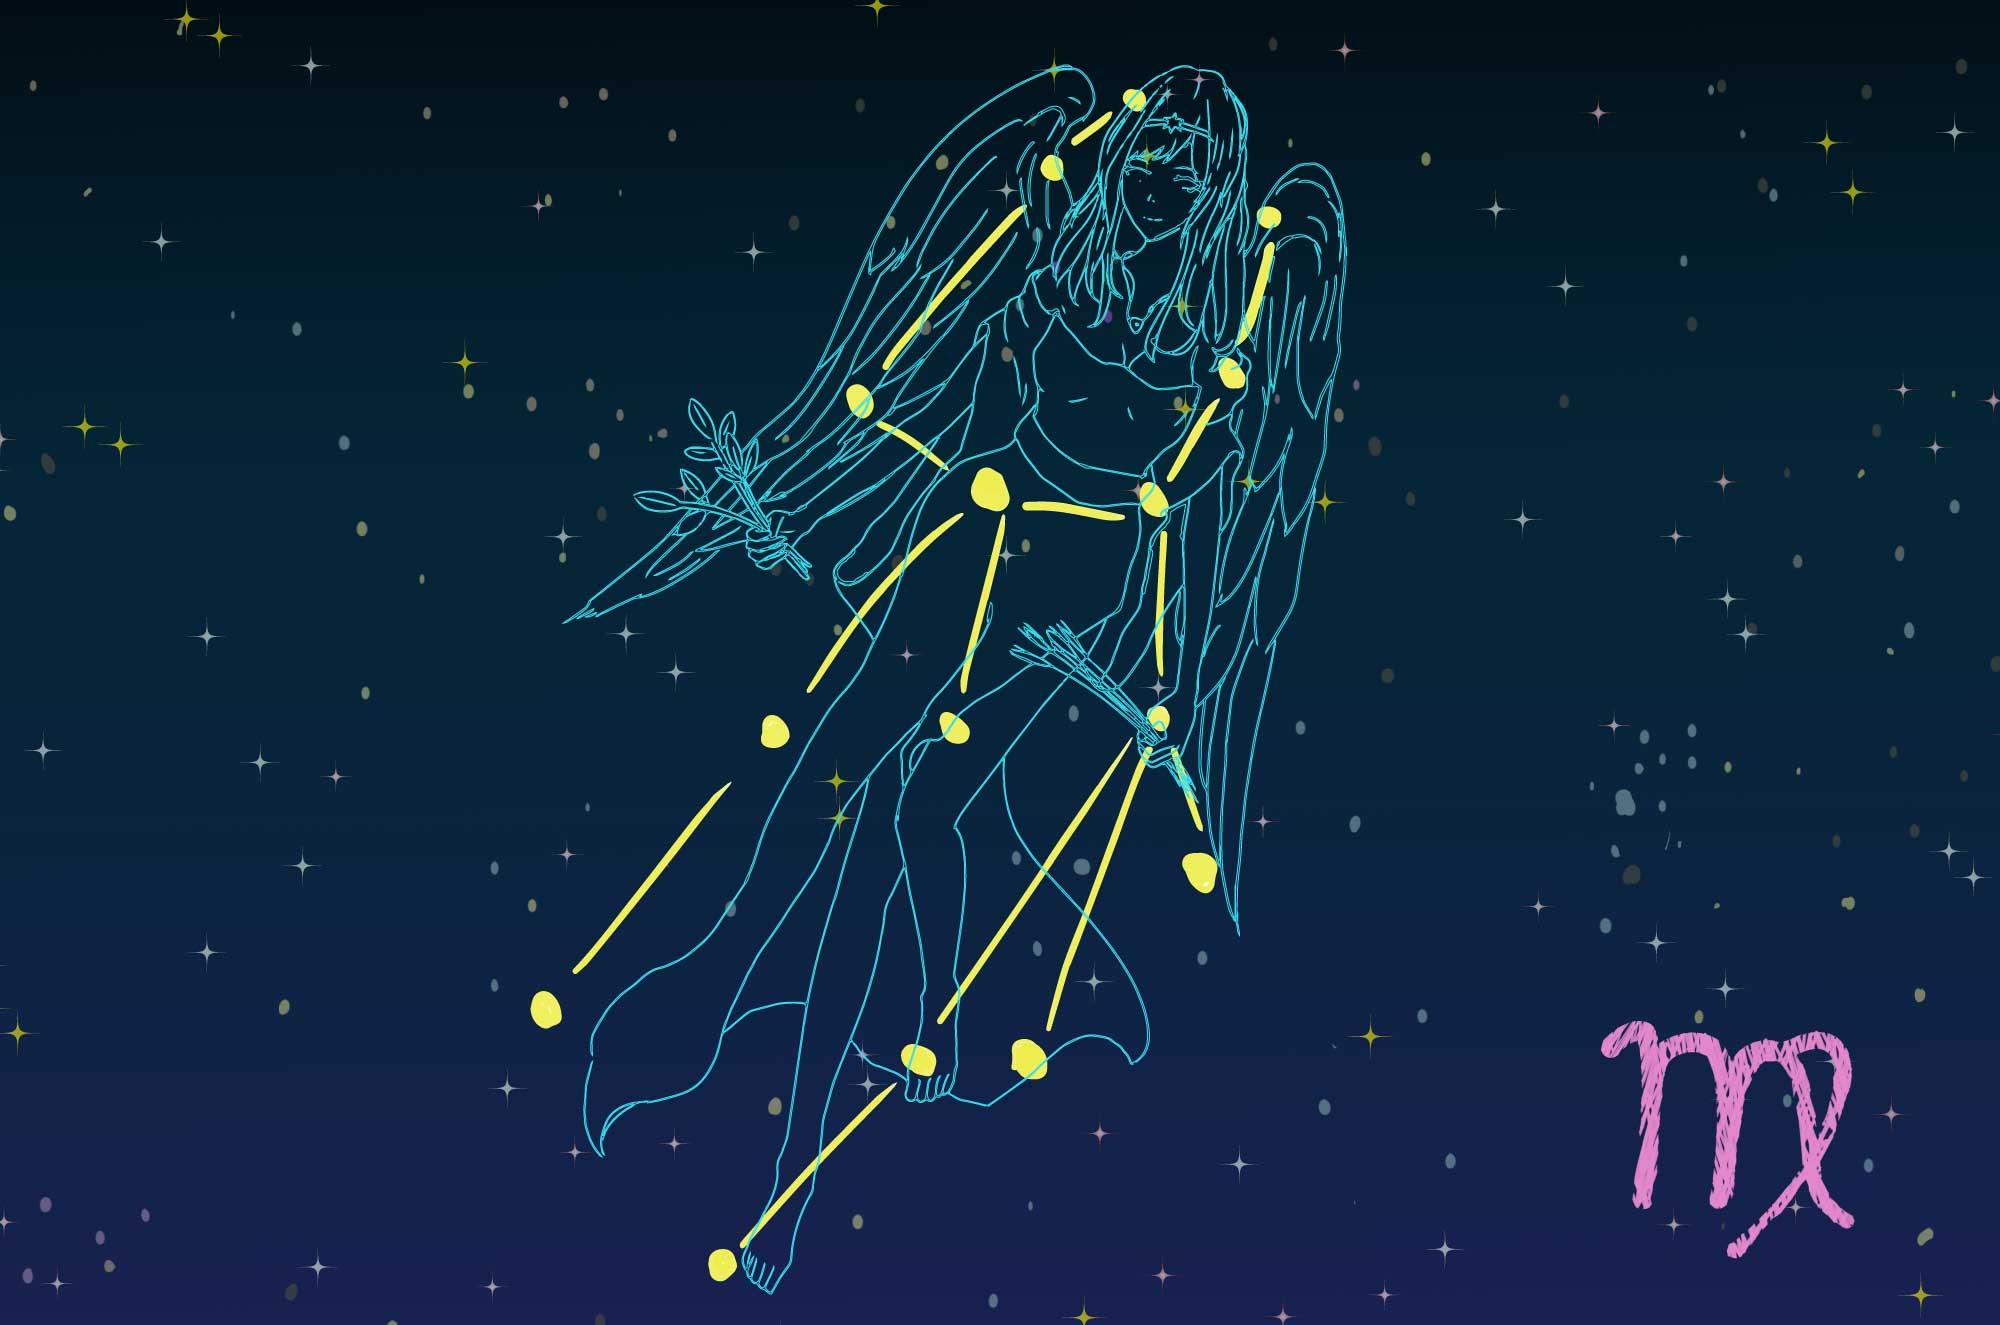 乙女座のイラスト Virgo夜空に輝天体の無料素材 チコデザ